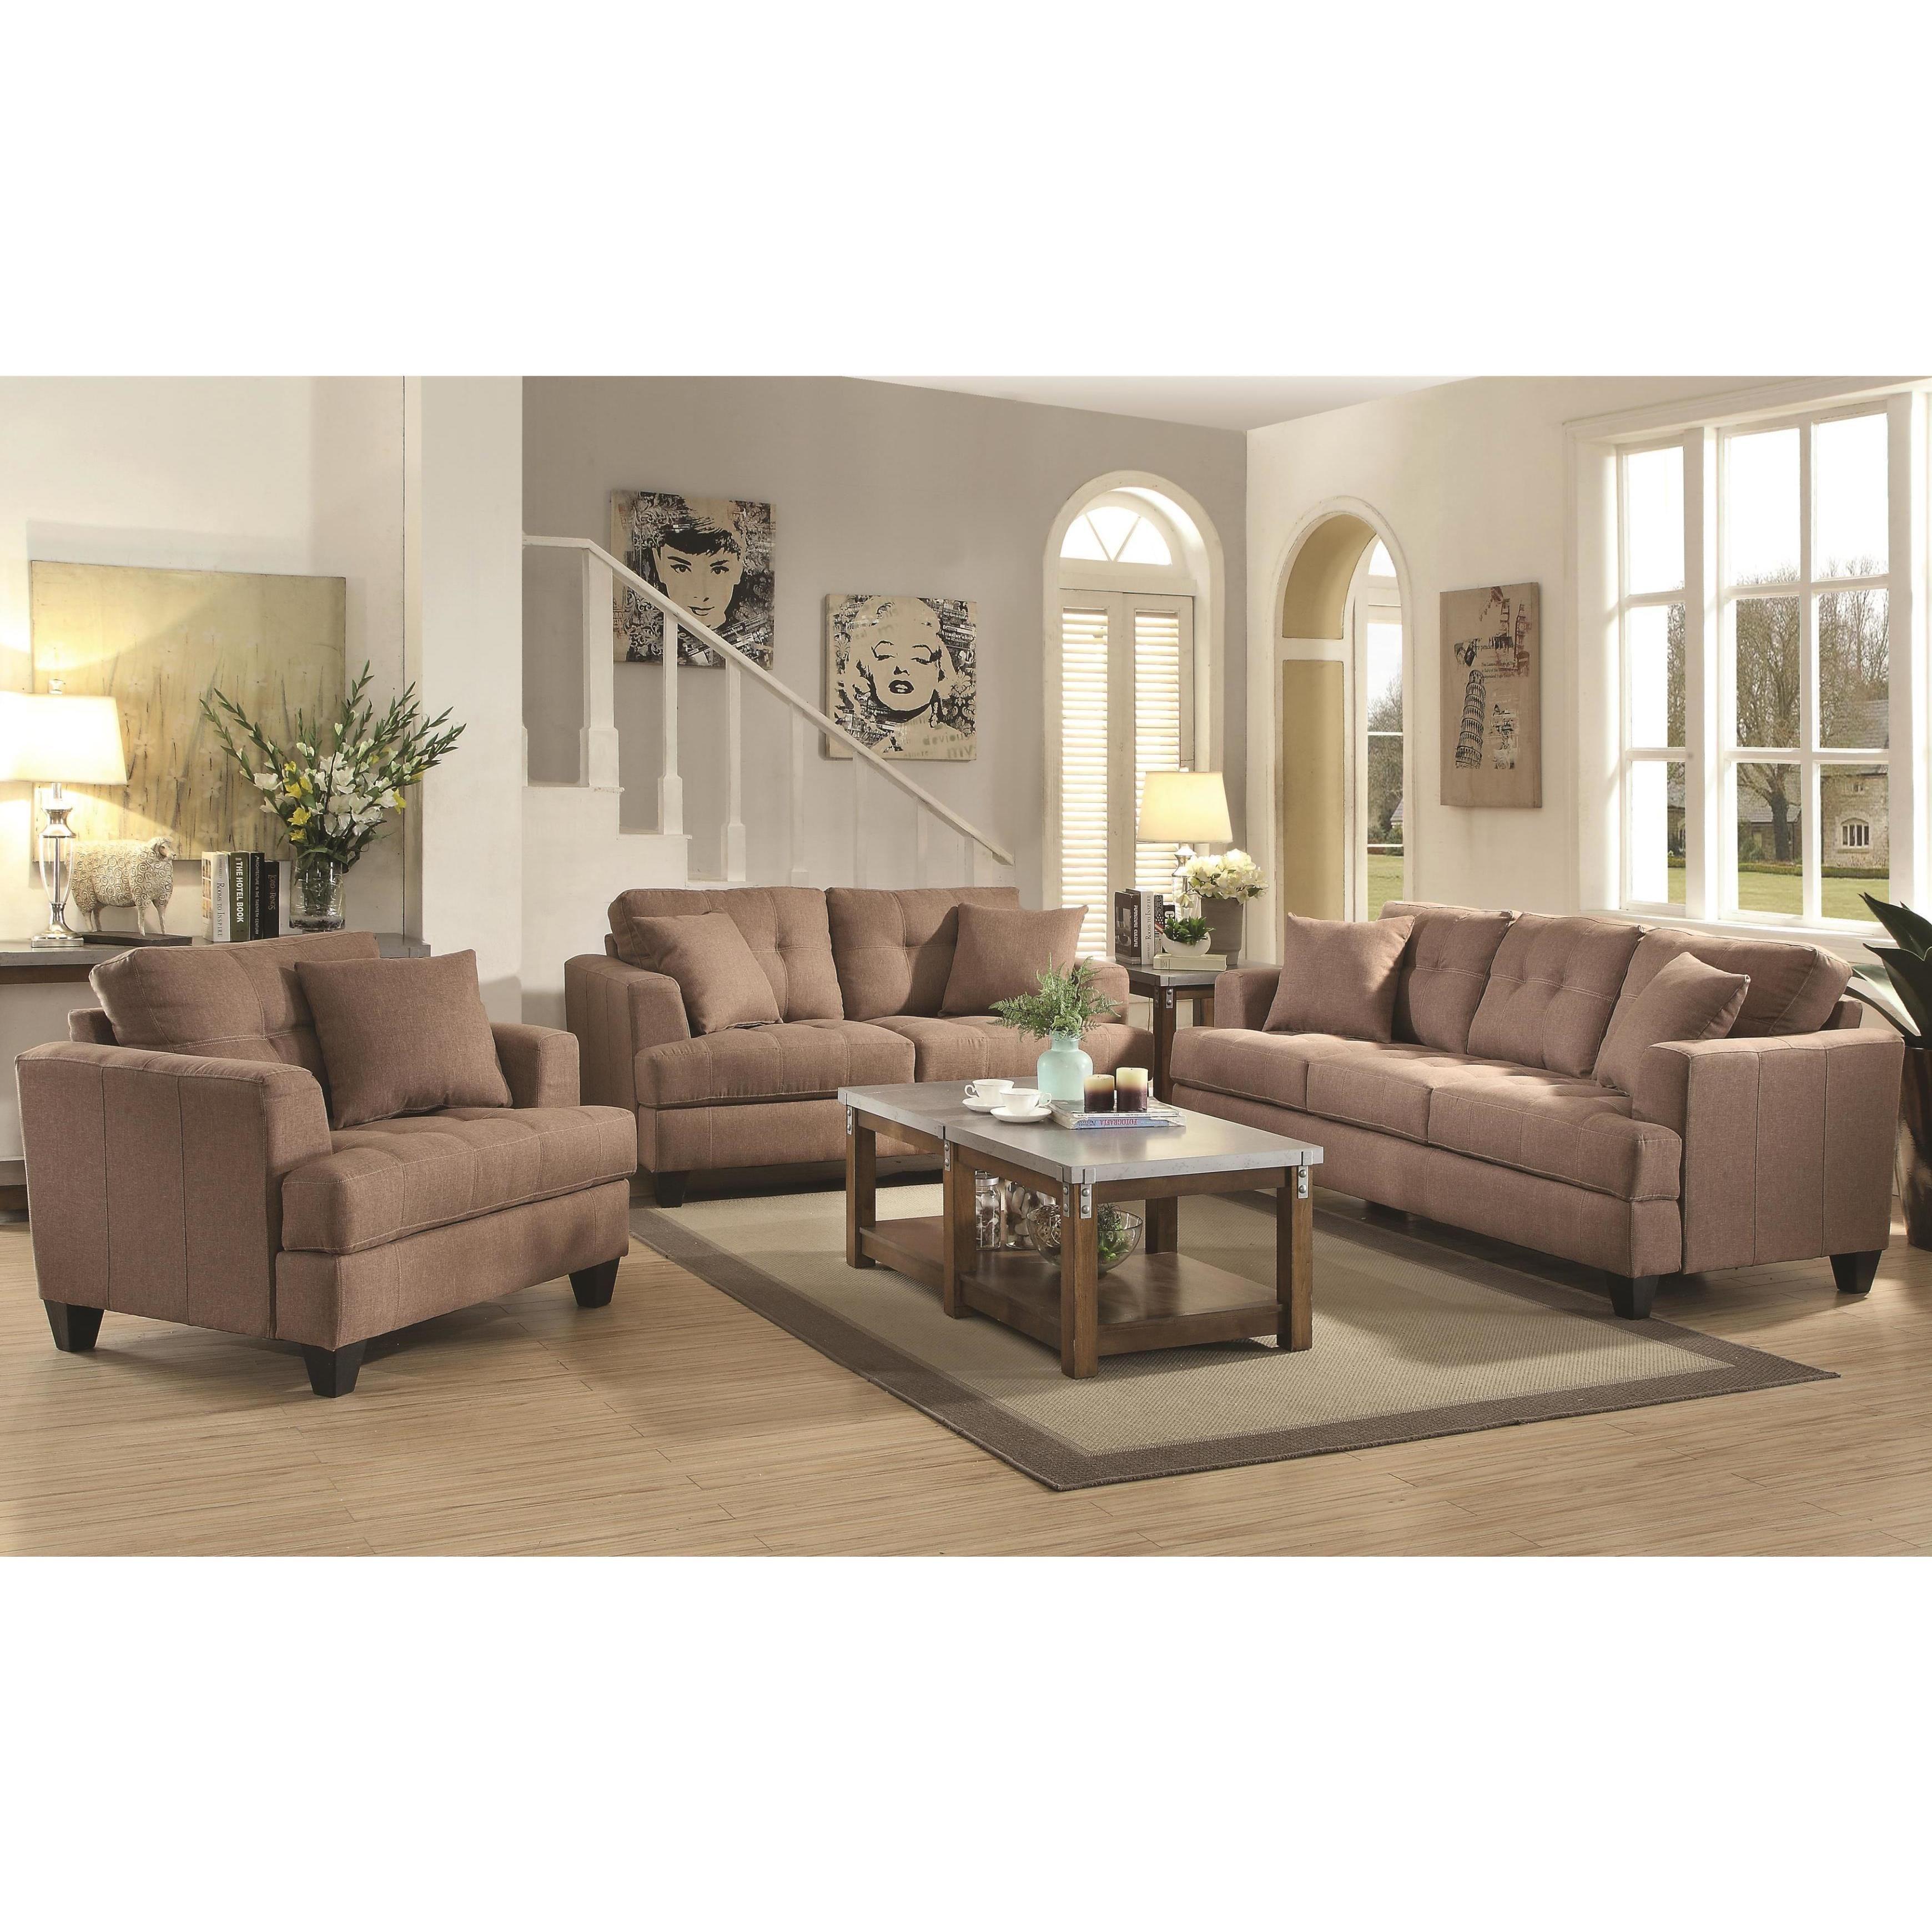 frankfurt modern tufted design living room sofa collection